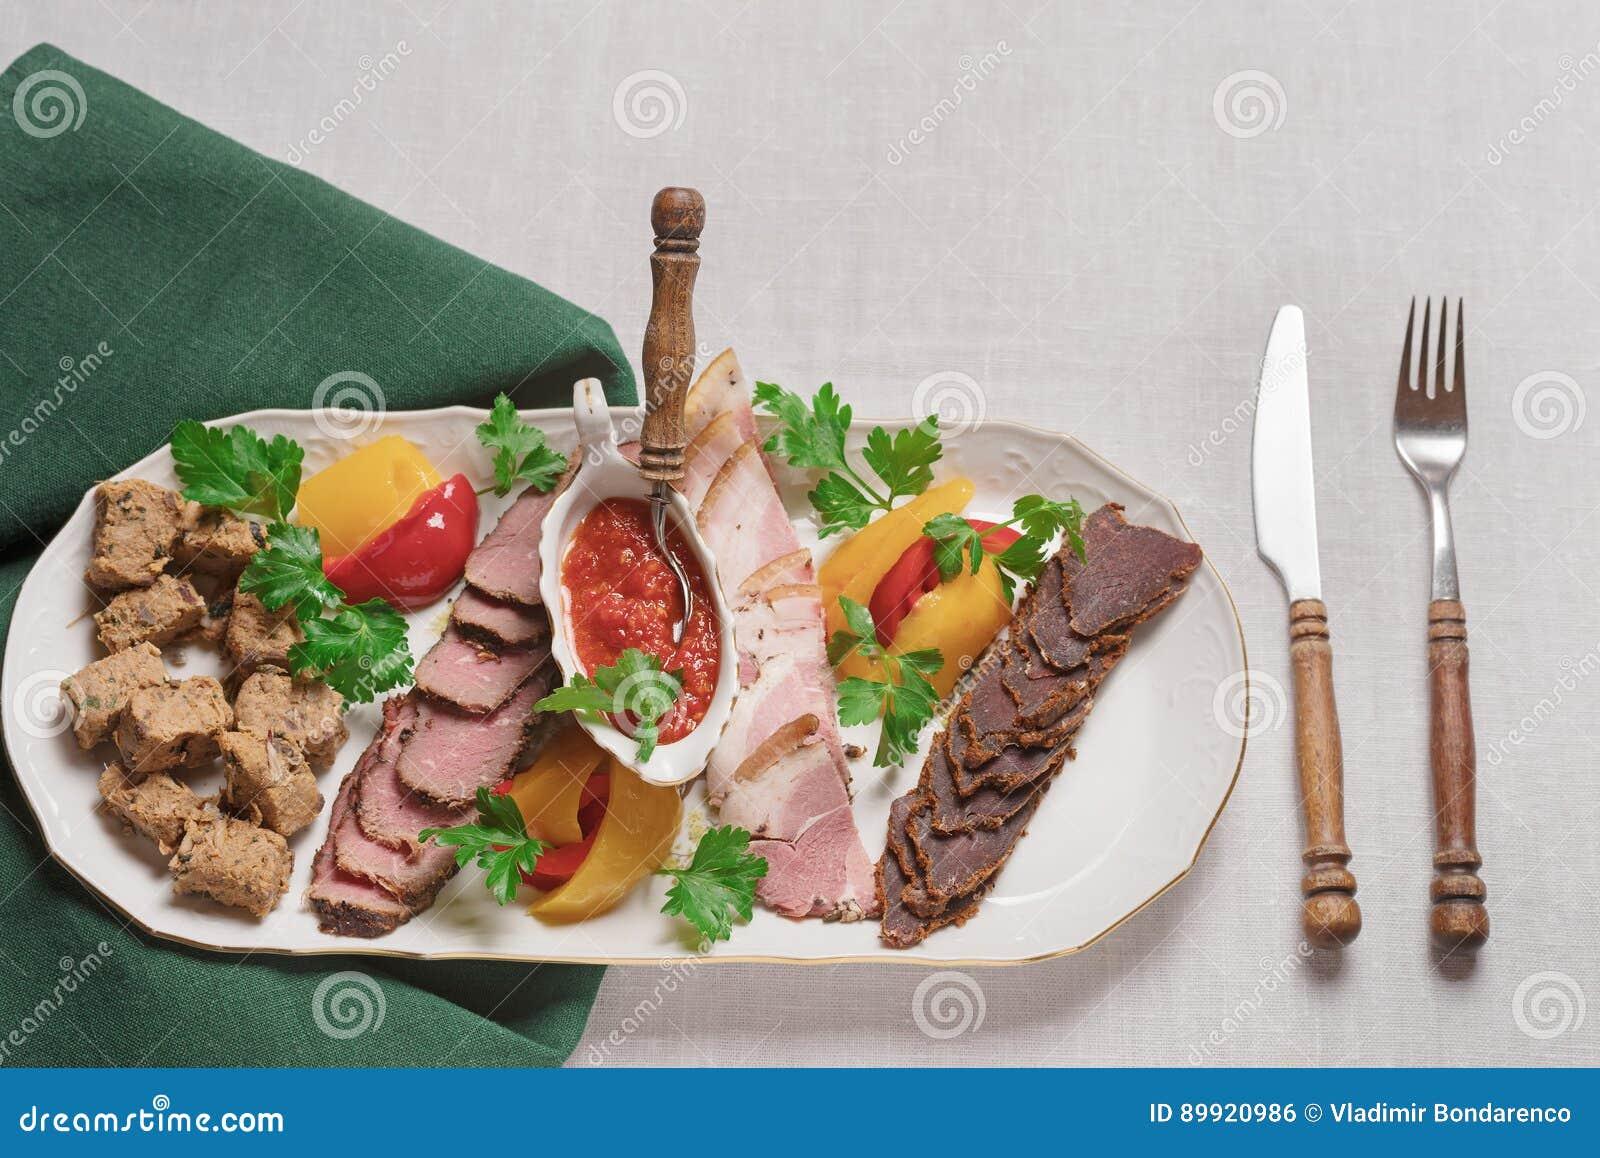 Platte von Fleischzartheit des wilden Ebers, Wildente, Elch, Draufsicht der Hasen, Nahaufnahme